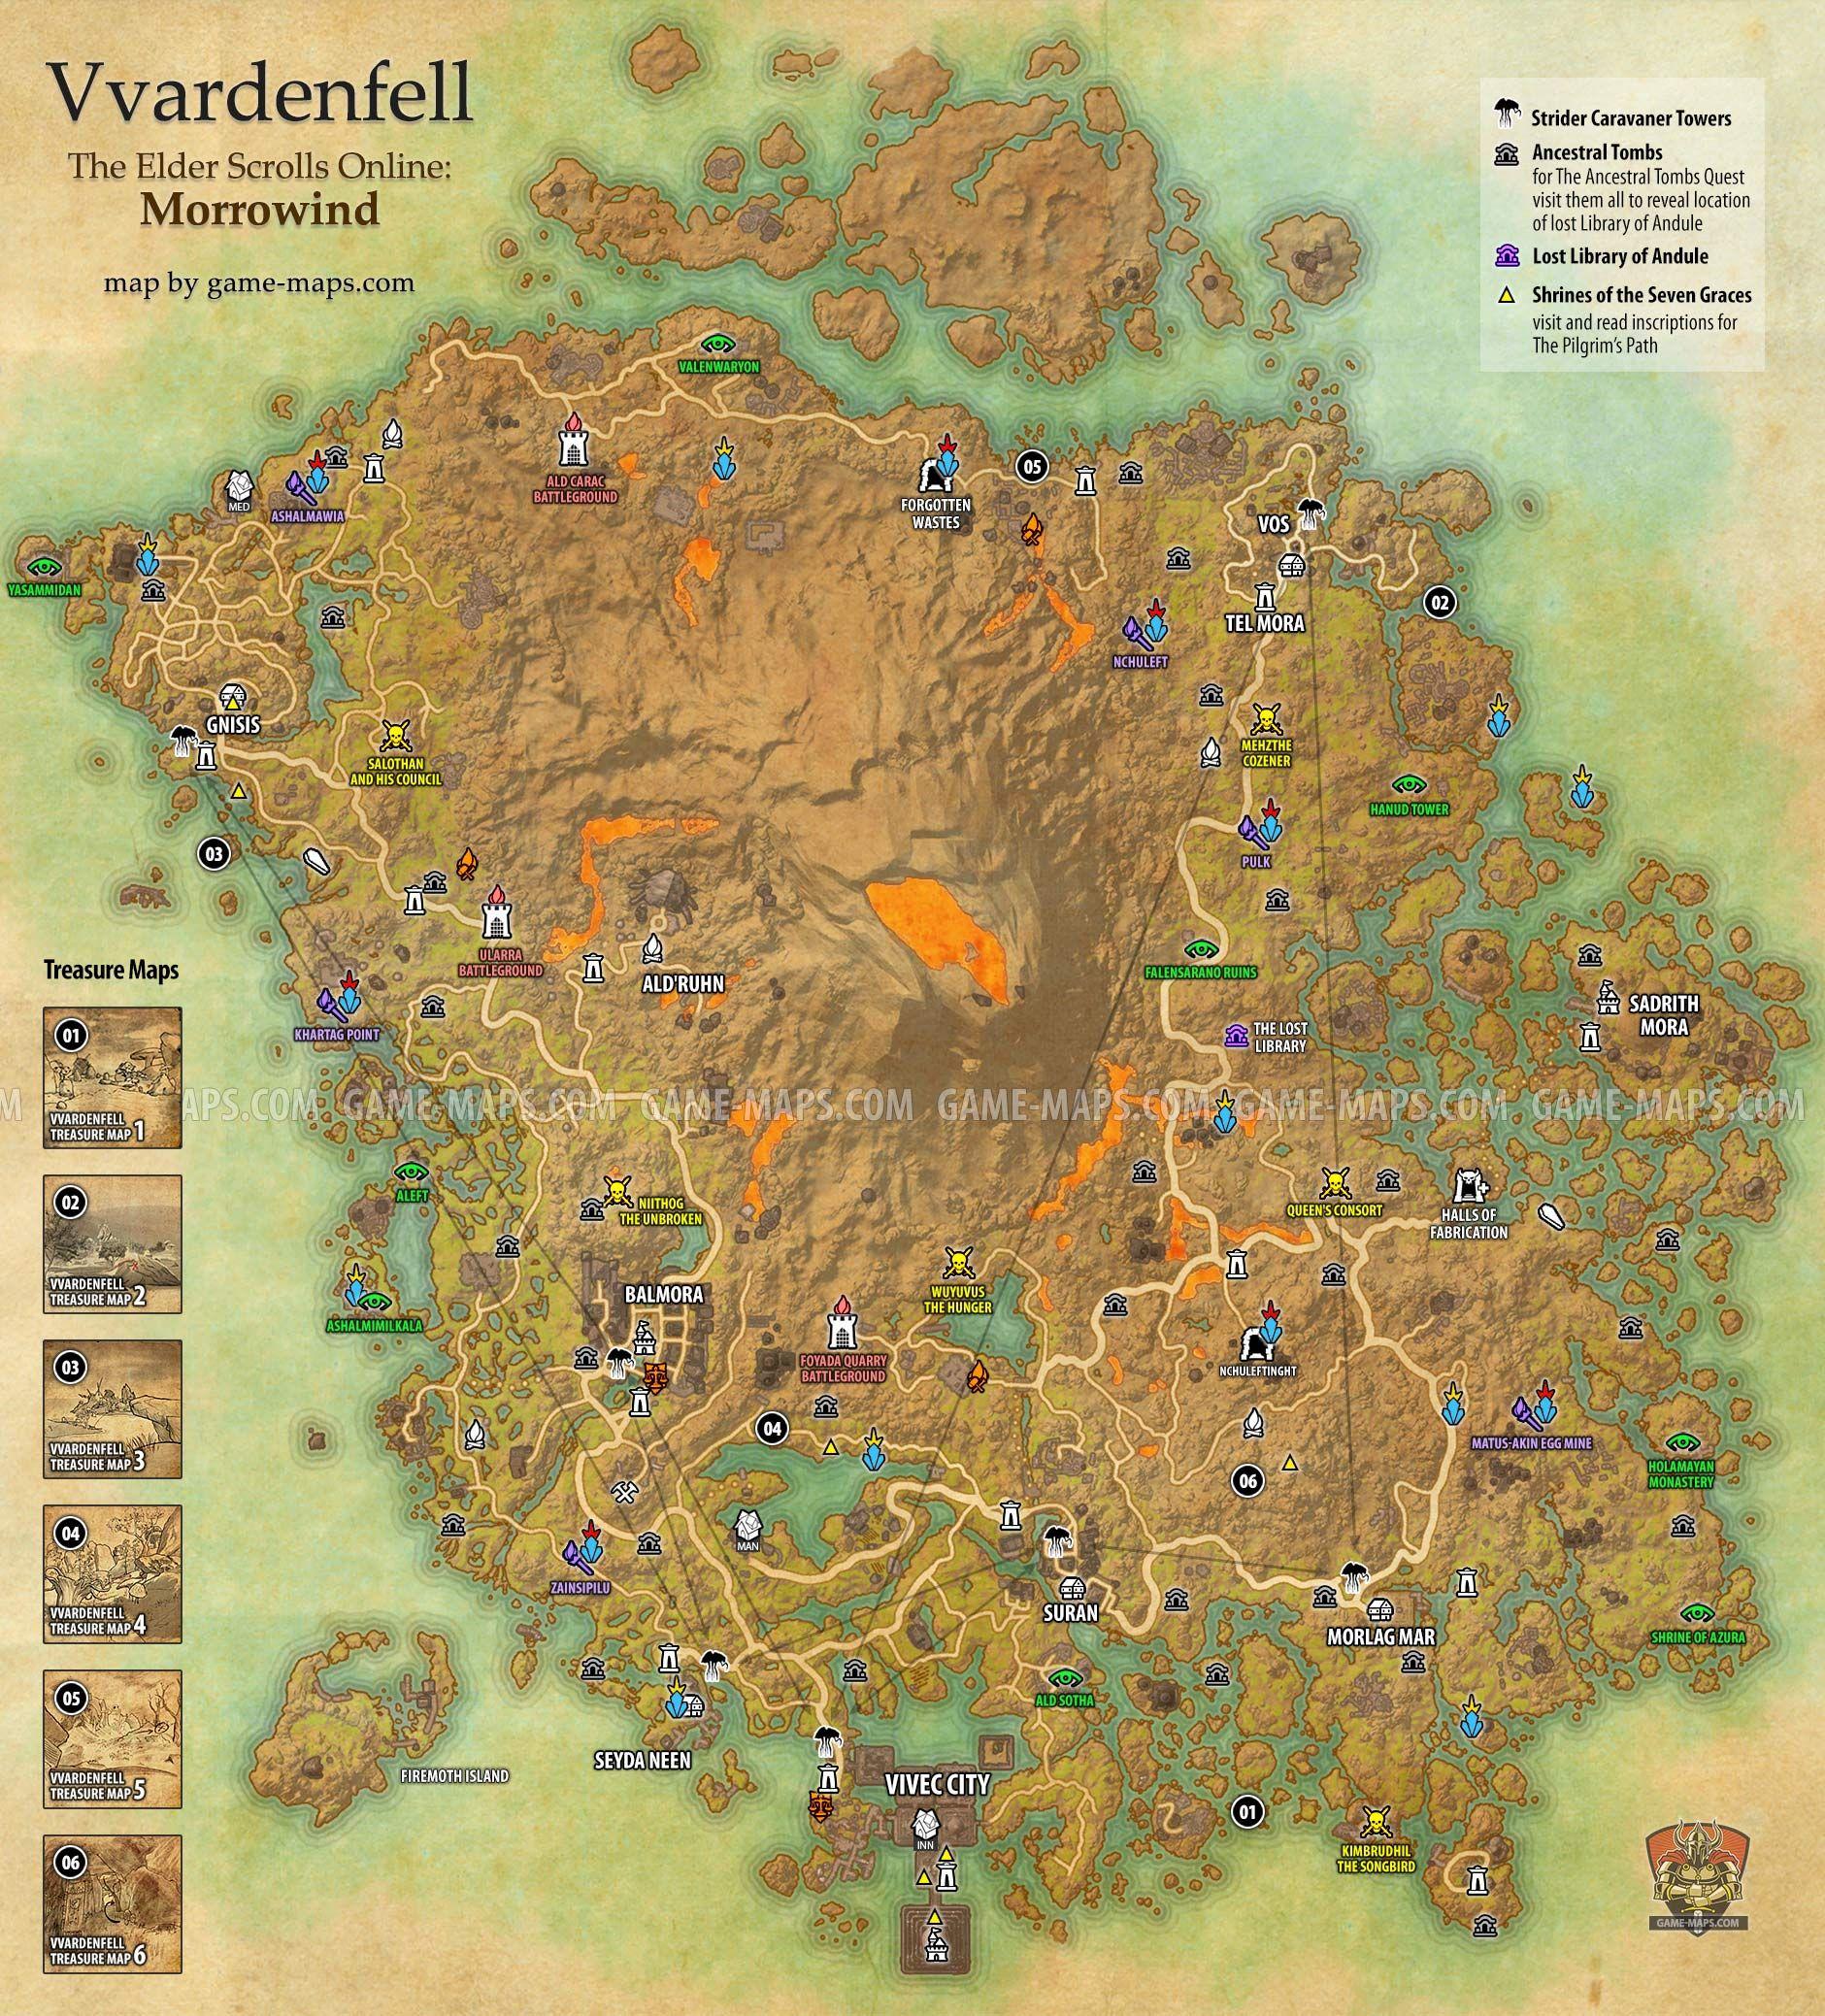 Vvardenfell Zone Map For The Elder Scrolls Online Morrowind Vivec